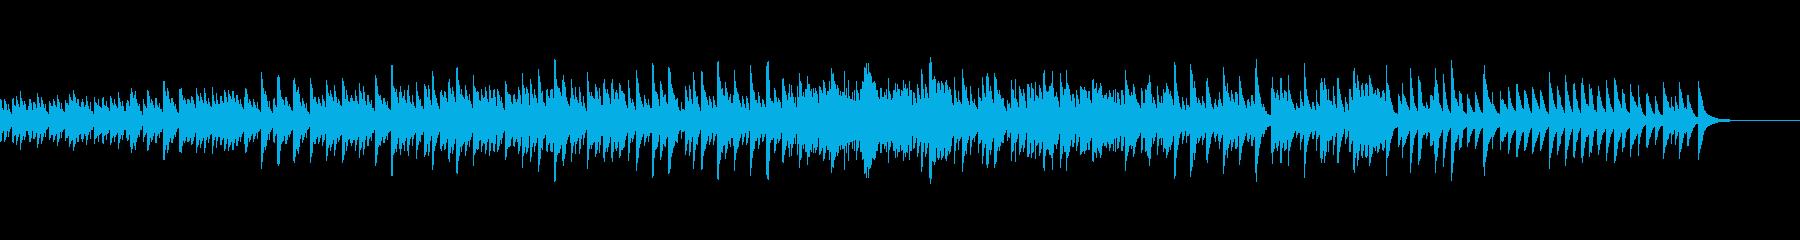 カノン オルゴールの再生済みの波形